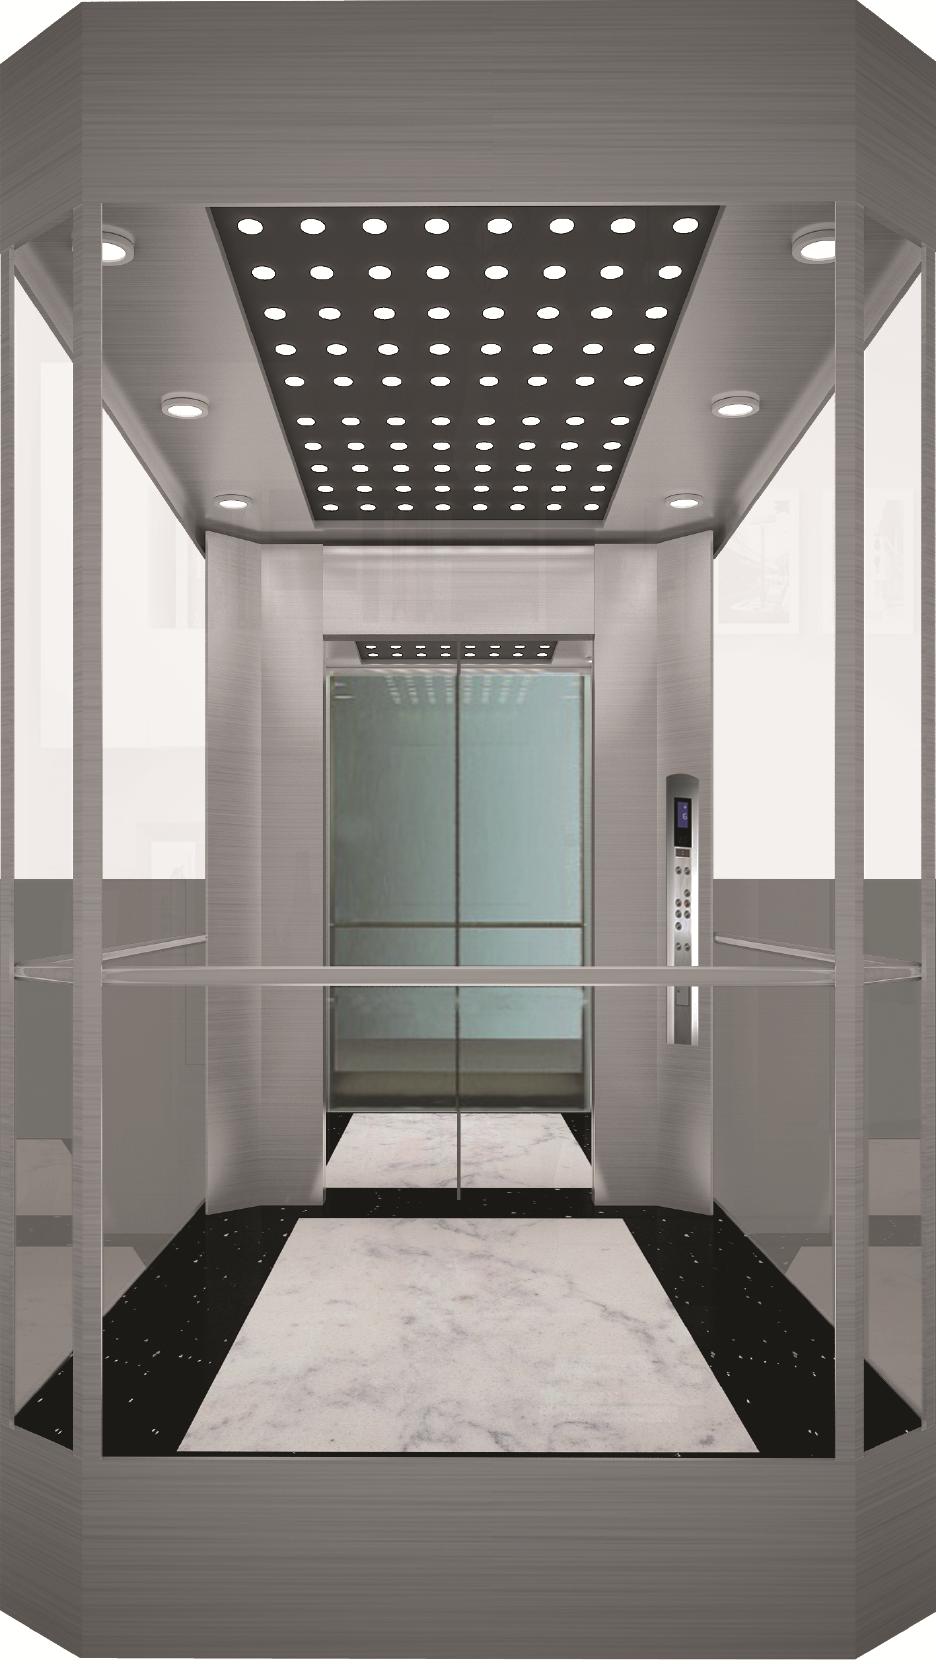 Observation Lift